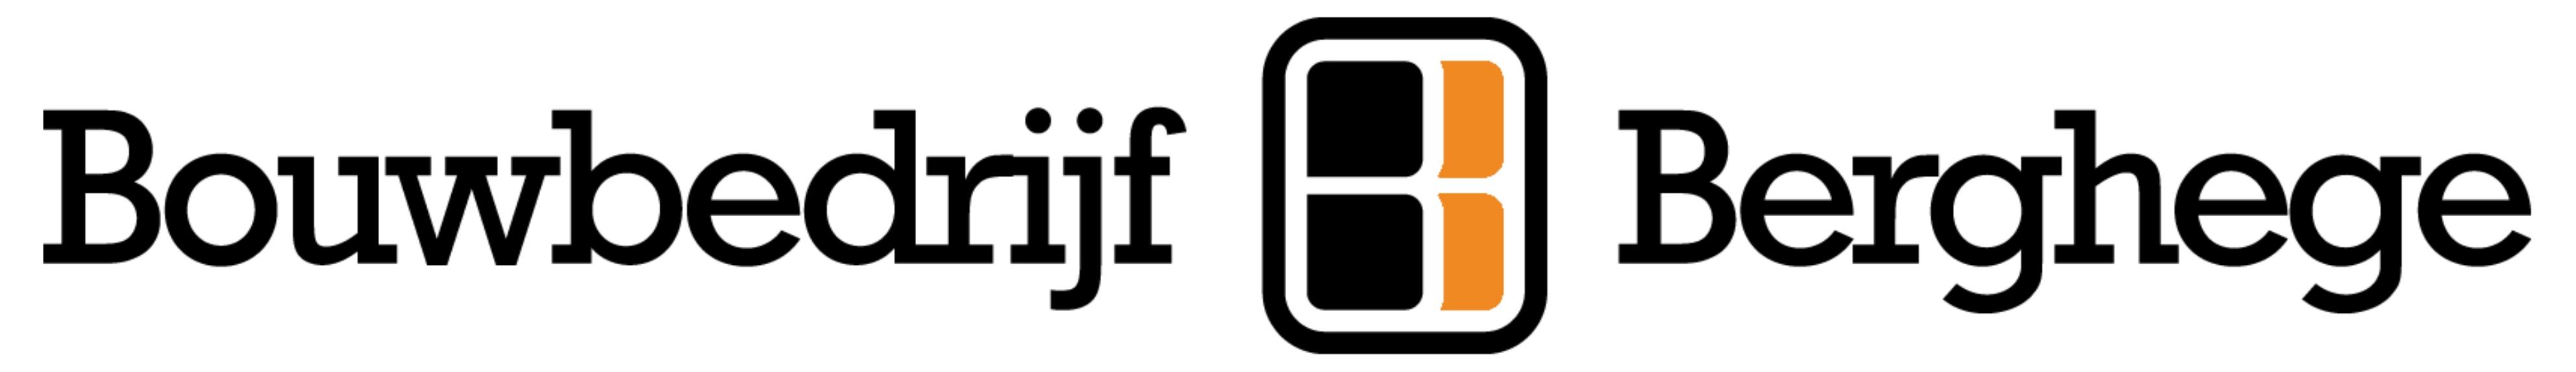 berghege_logo